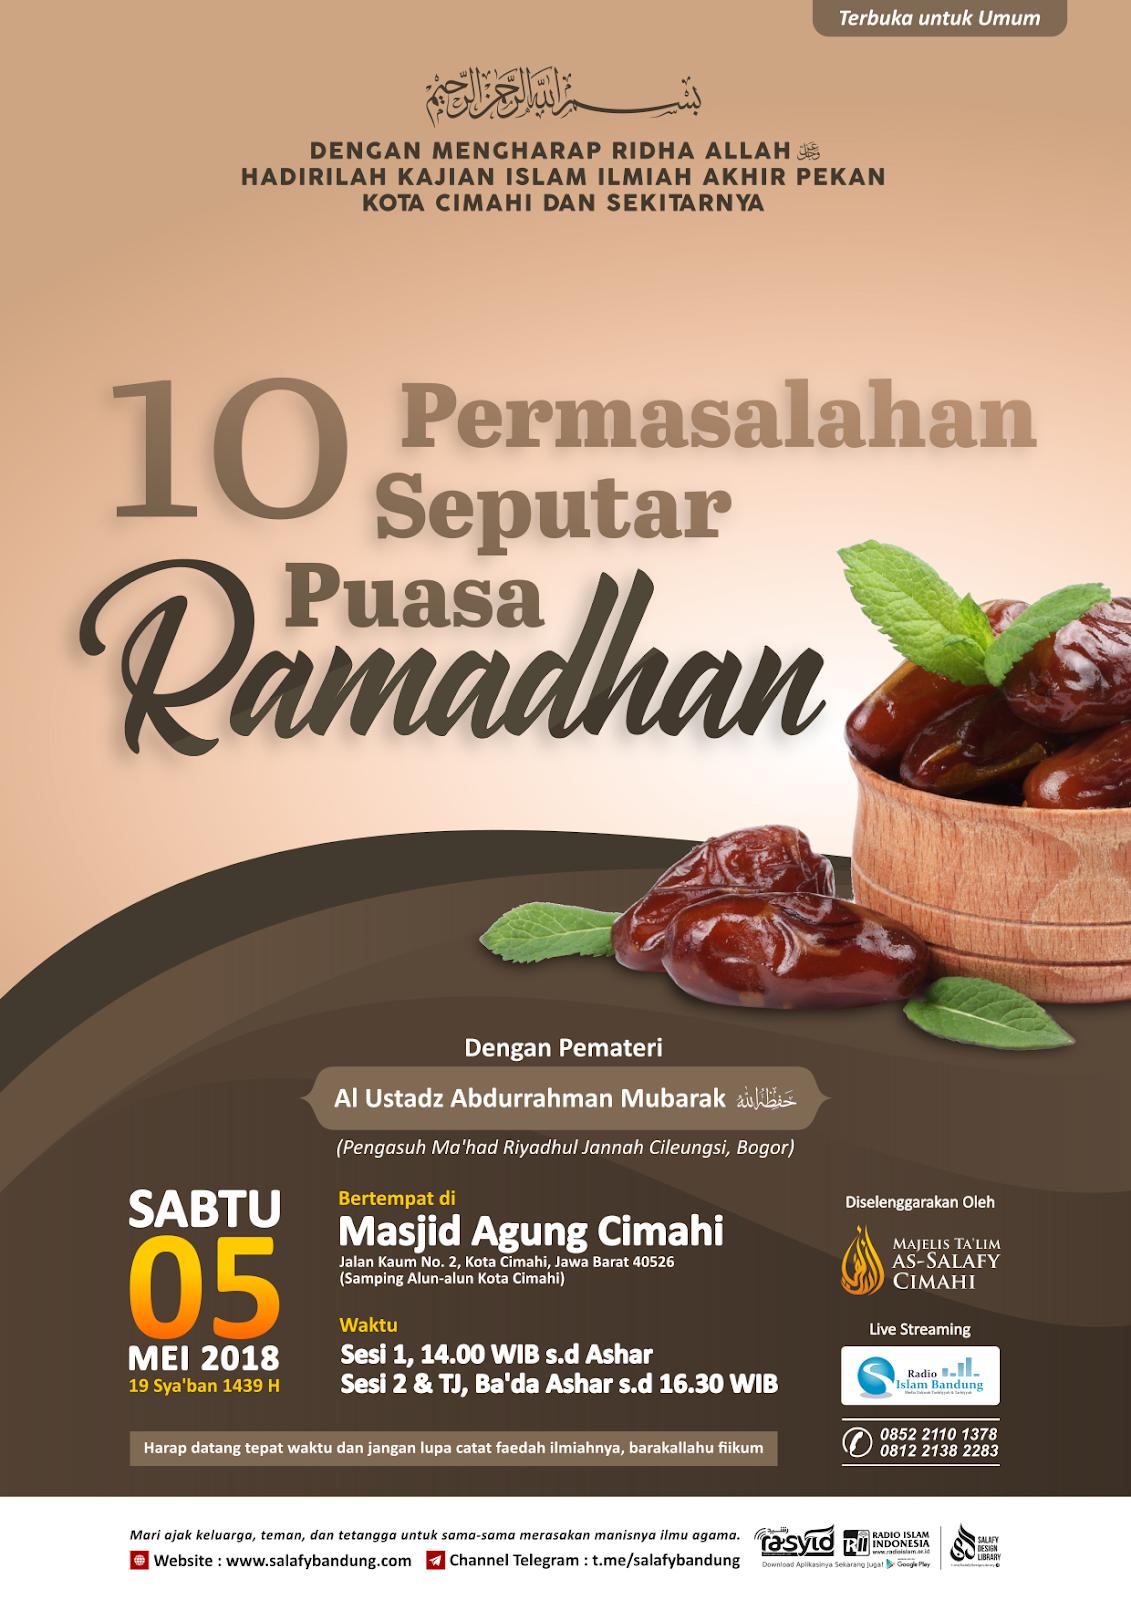 Kajian Masjid Agung Cimahi: 10 Permasalahan Seputar Puasa Ramadhan